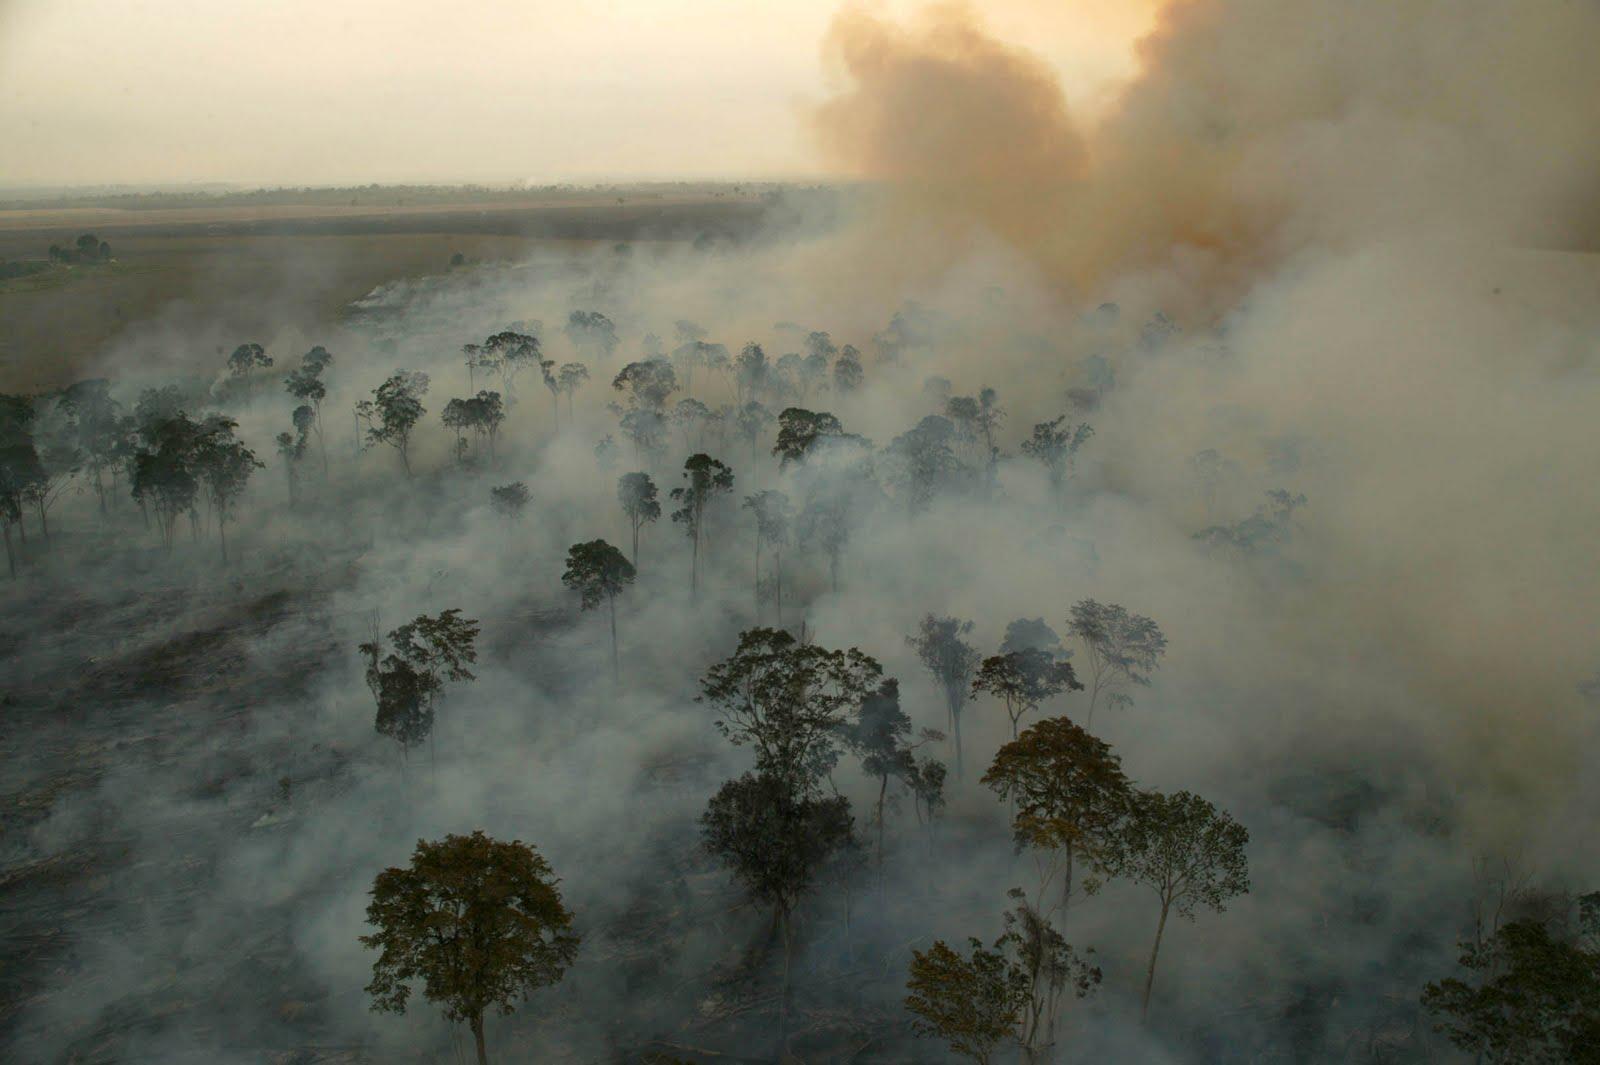 Fotos da amazonia antes do desmatamento 58